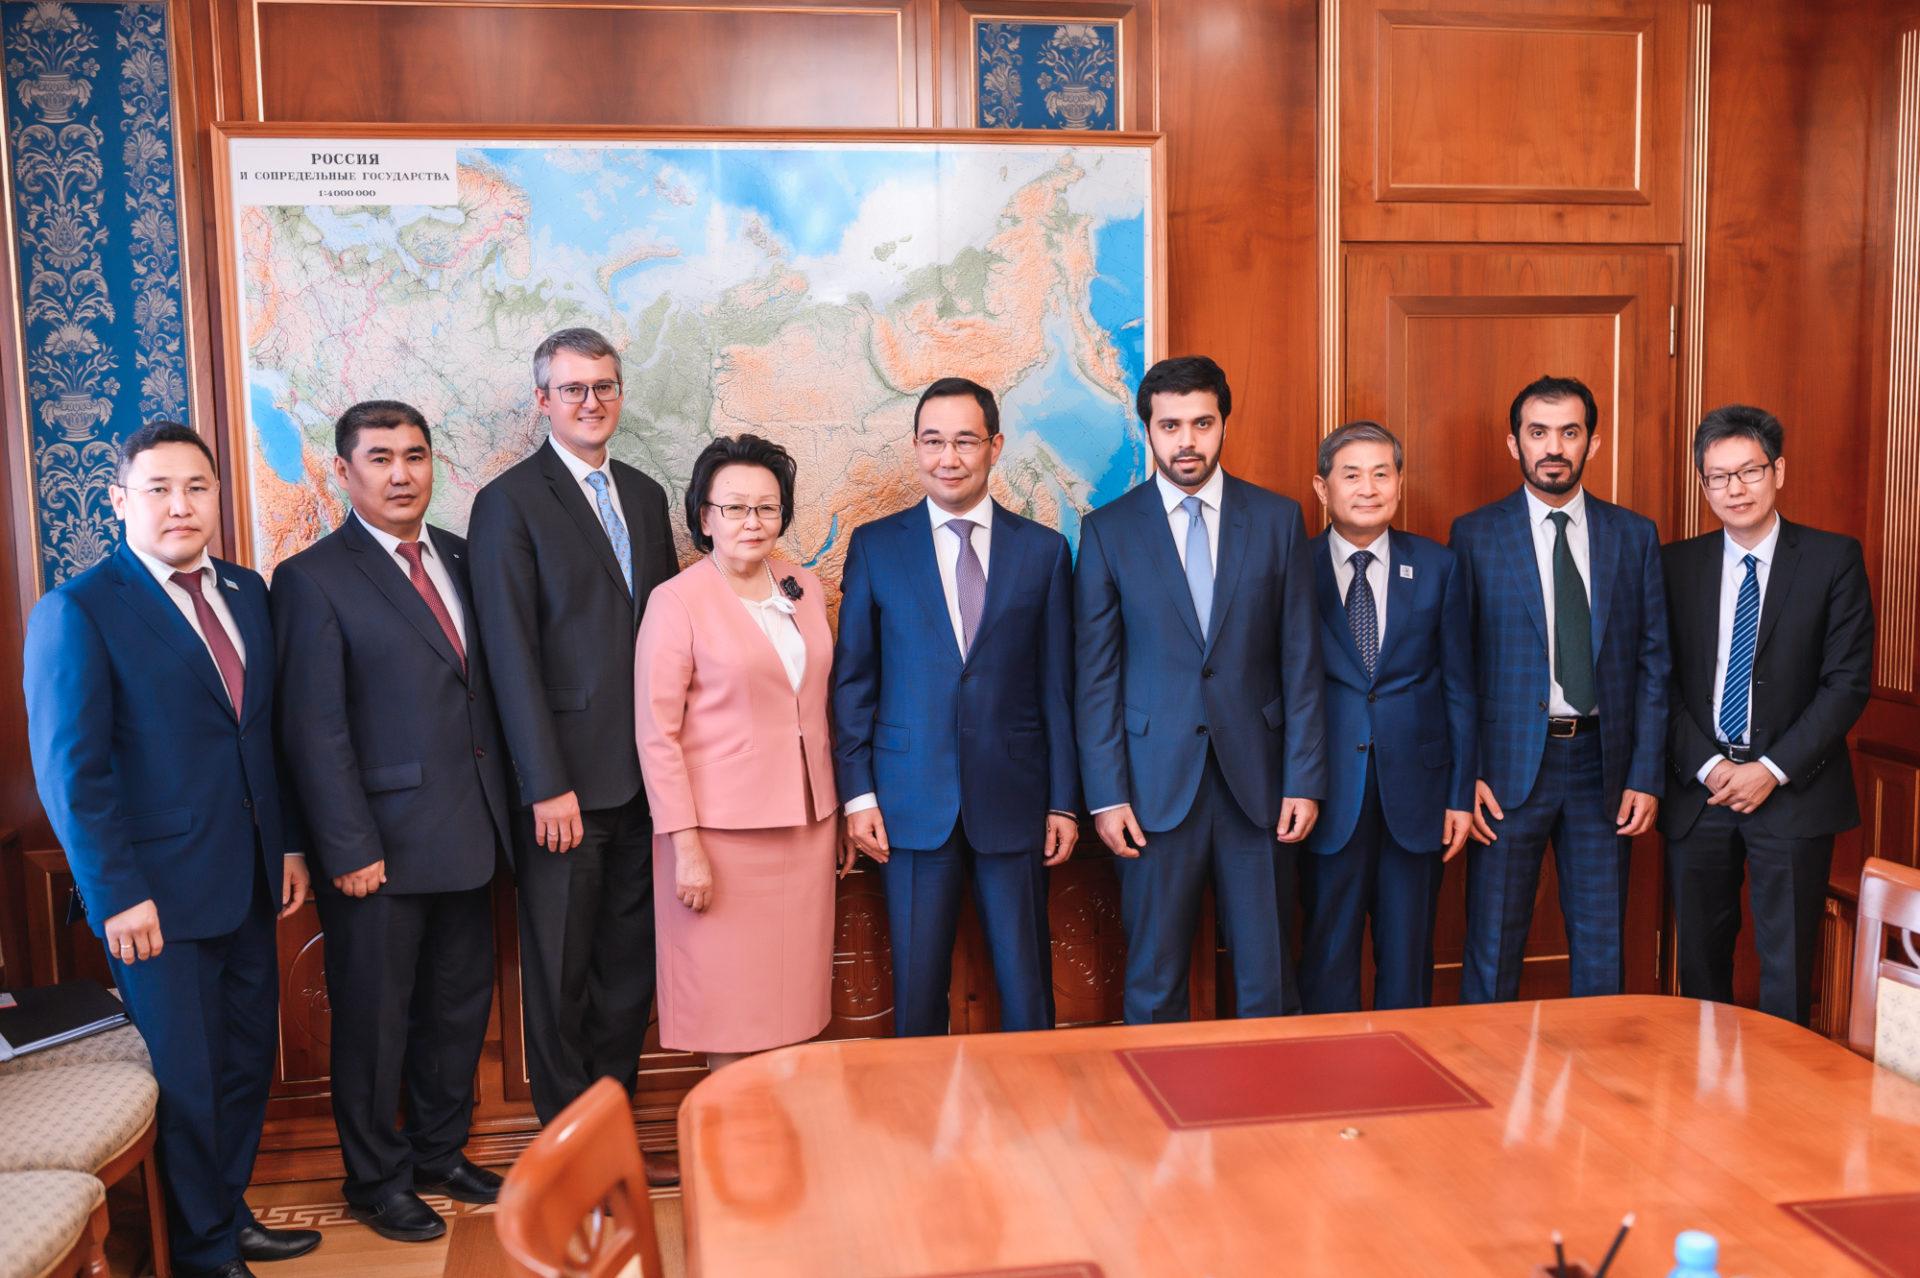 Айсен Николаев встретился с делегацией Фонда развития Абу-Даби и Фонда биотехнологических исследований SOOAM